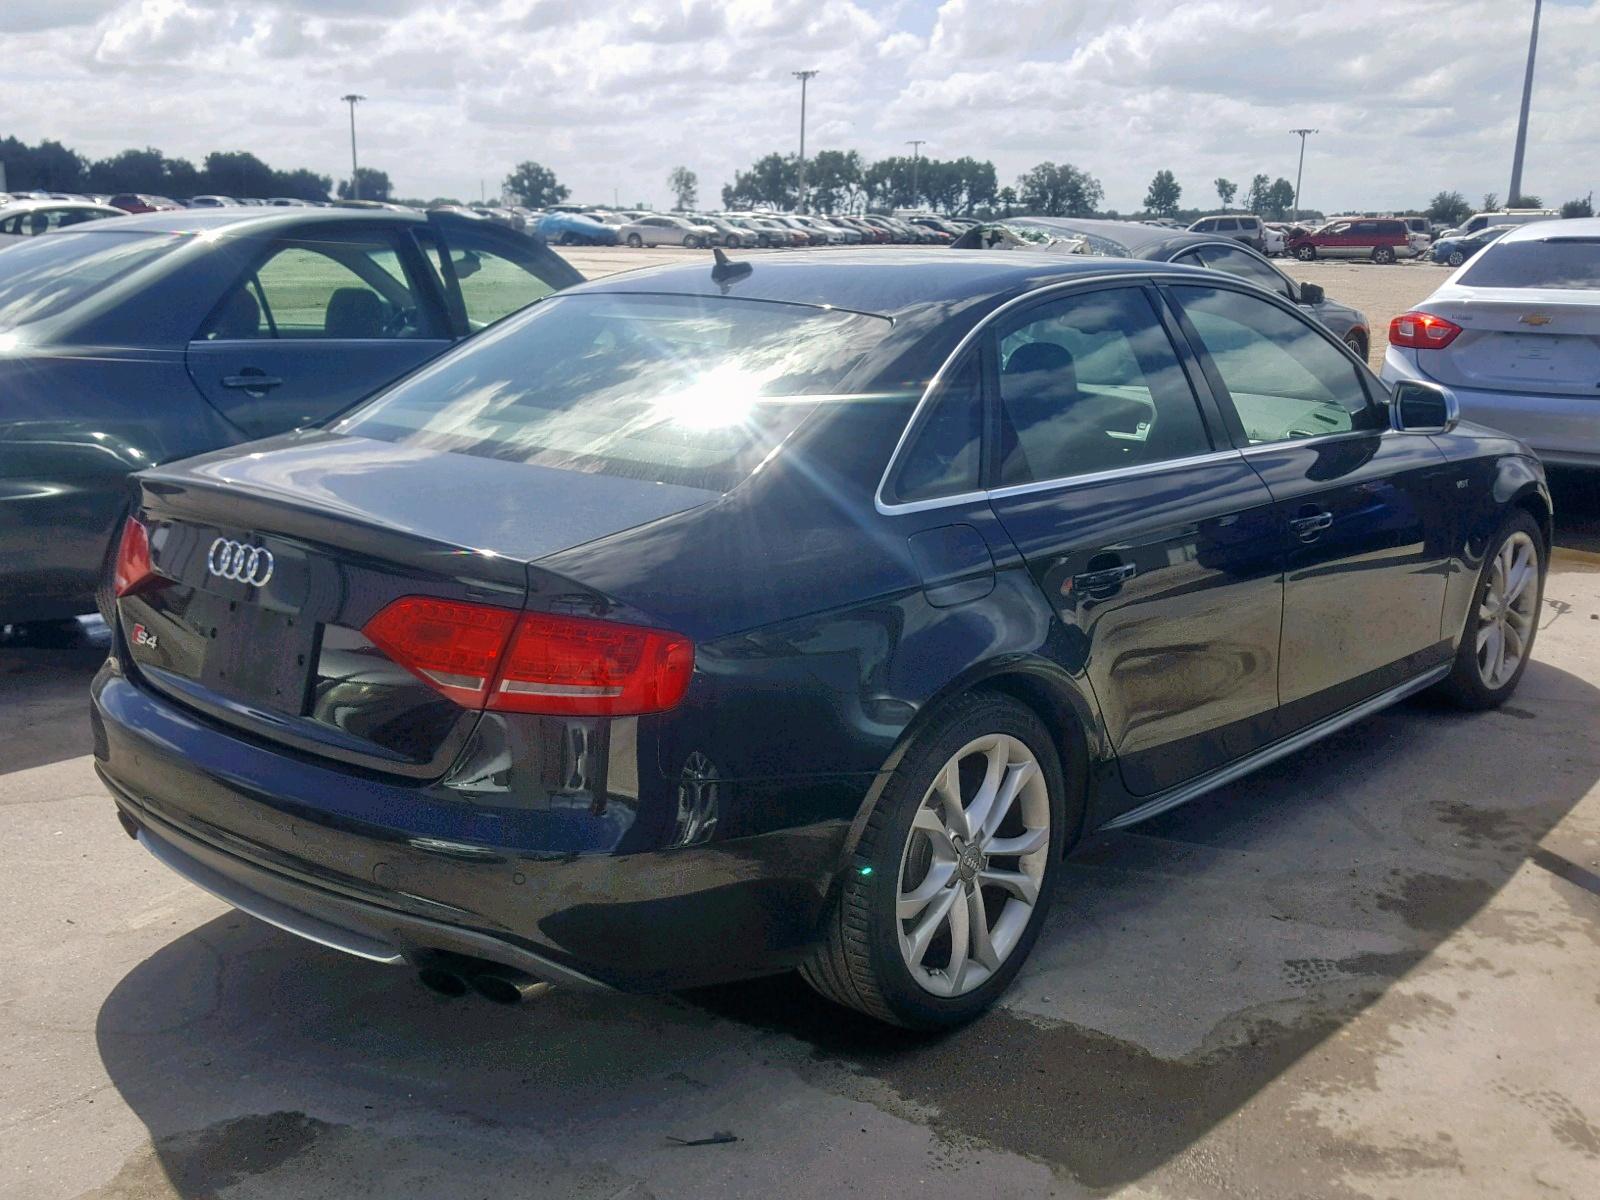 WAUBGAFL2BA031403 - 2011 Audi S4 Premium 3.0L rear view